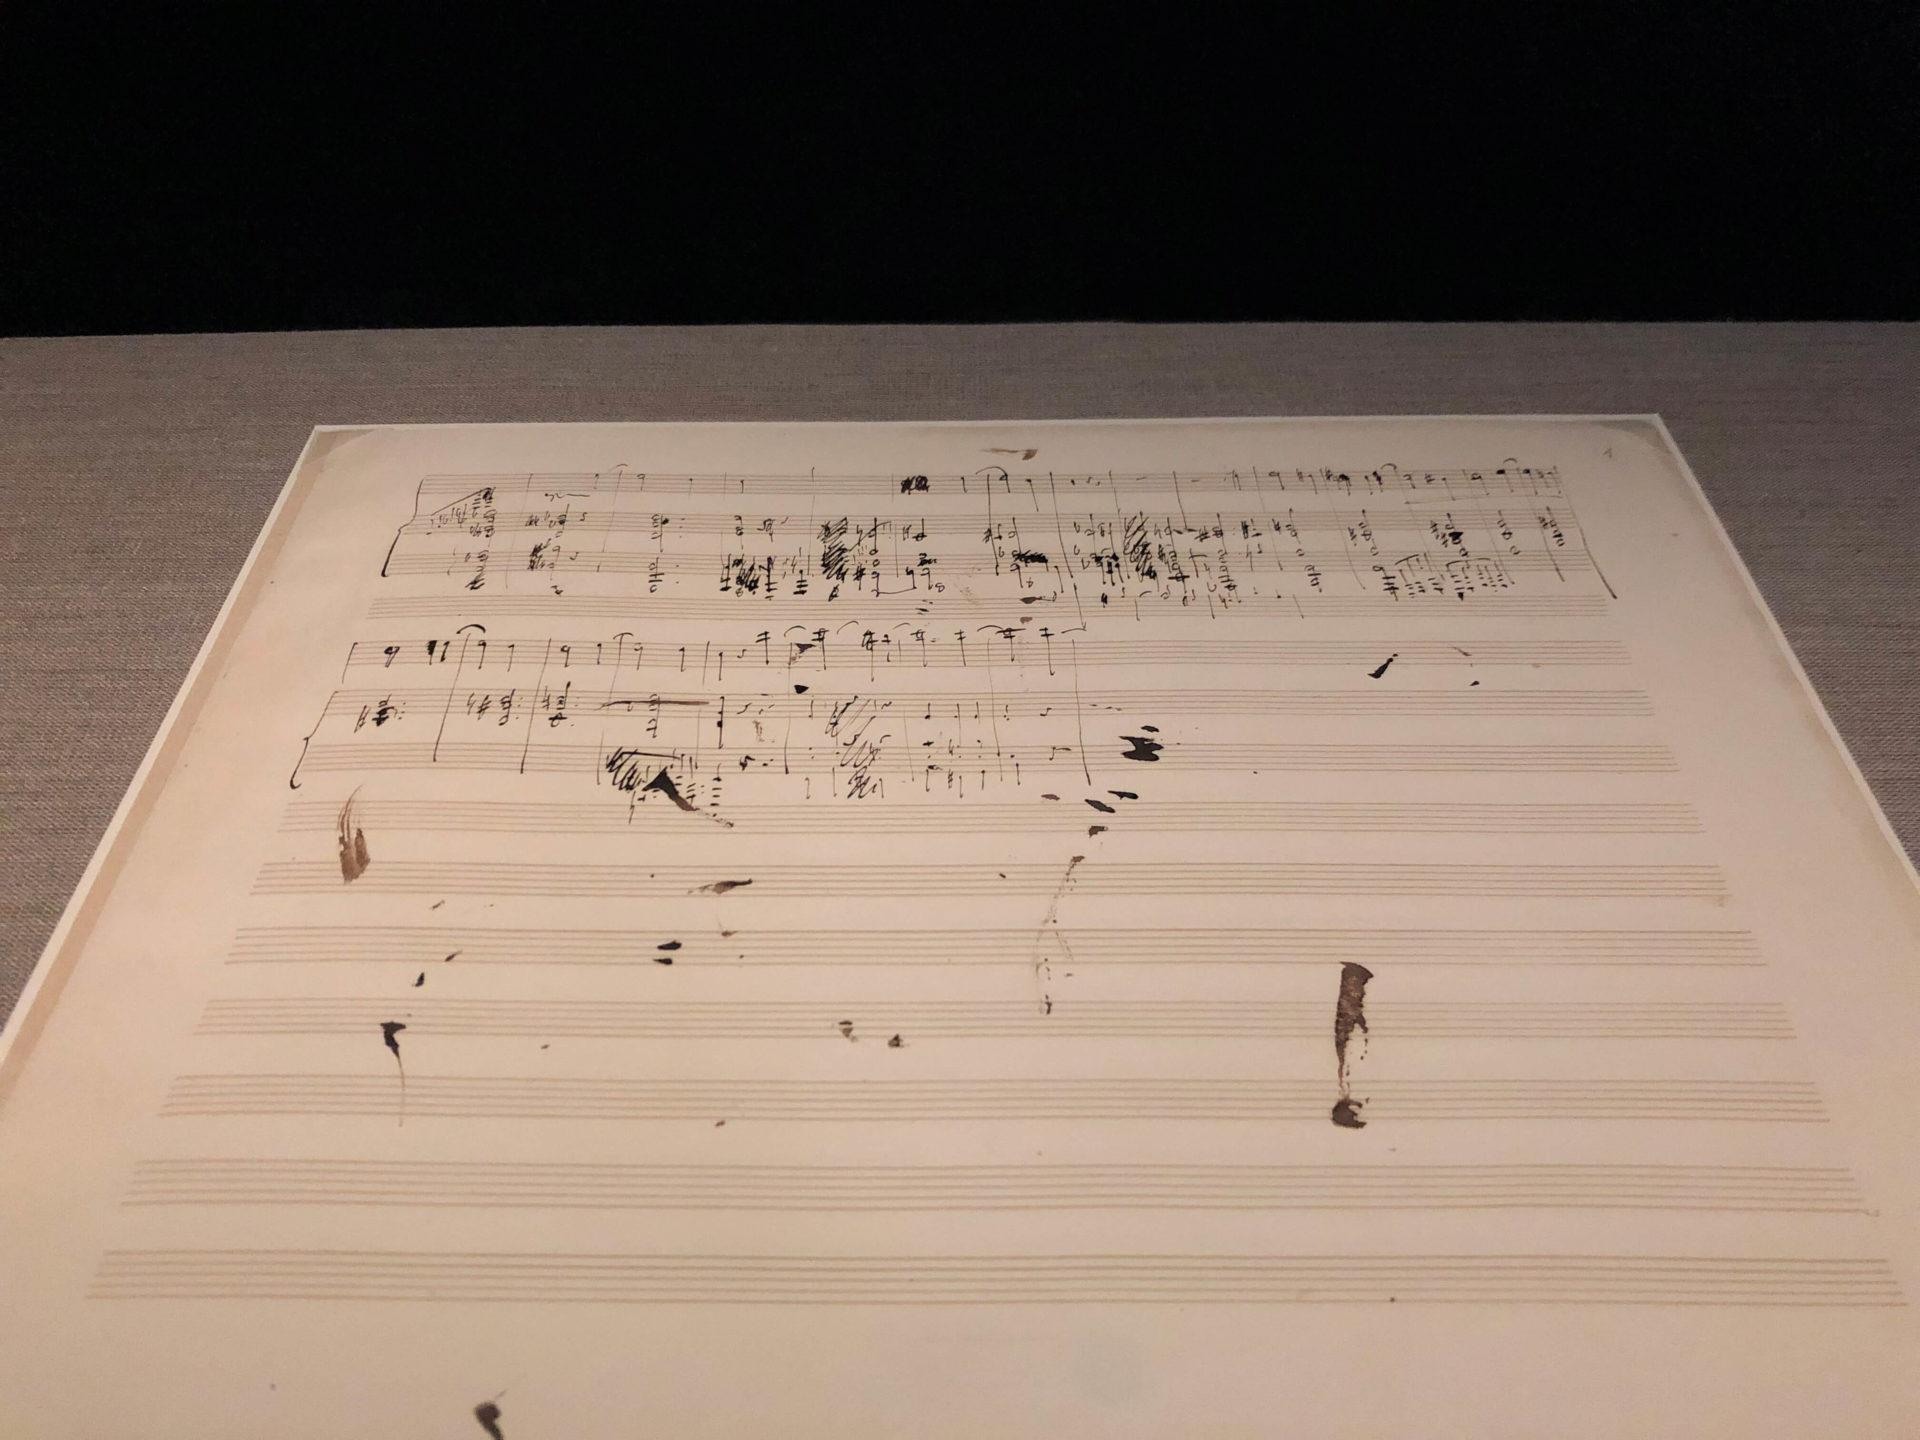 ワルシャワのフレデリック・ショパン博物館にあるショパン直筆の楽譜